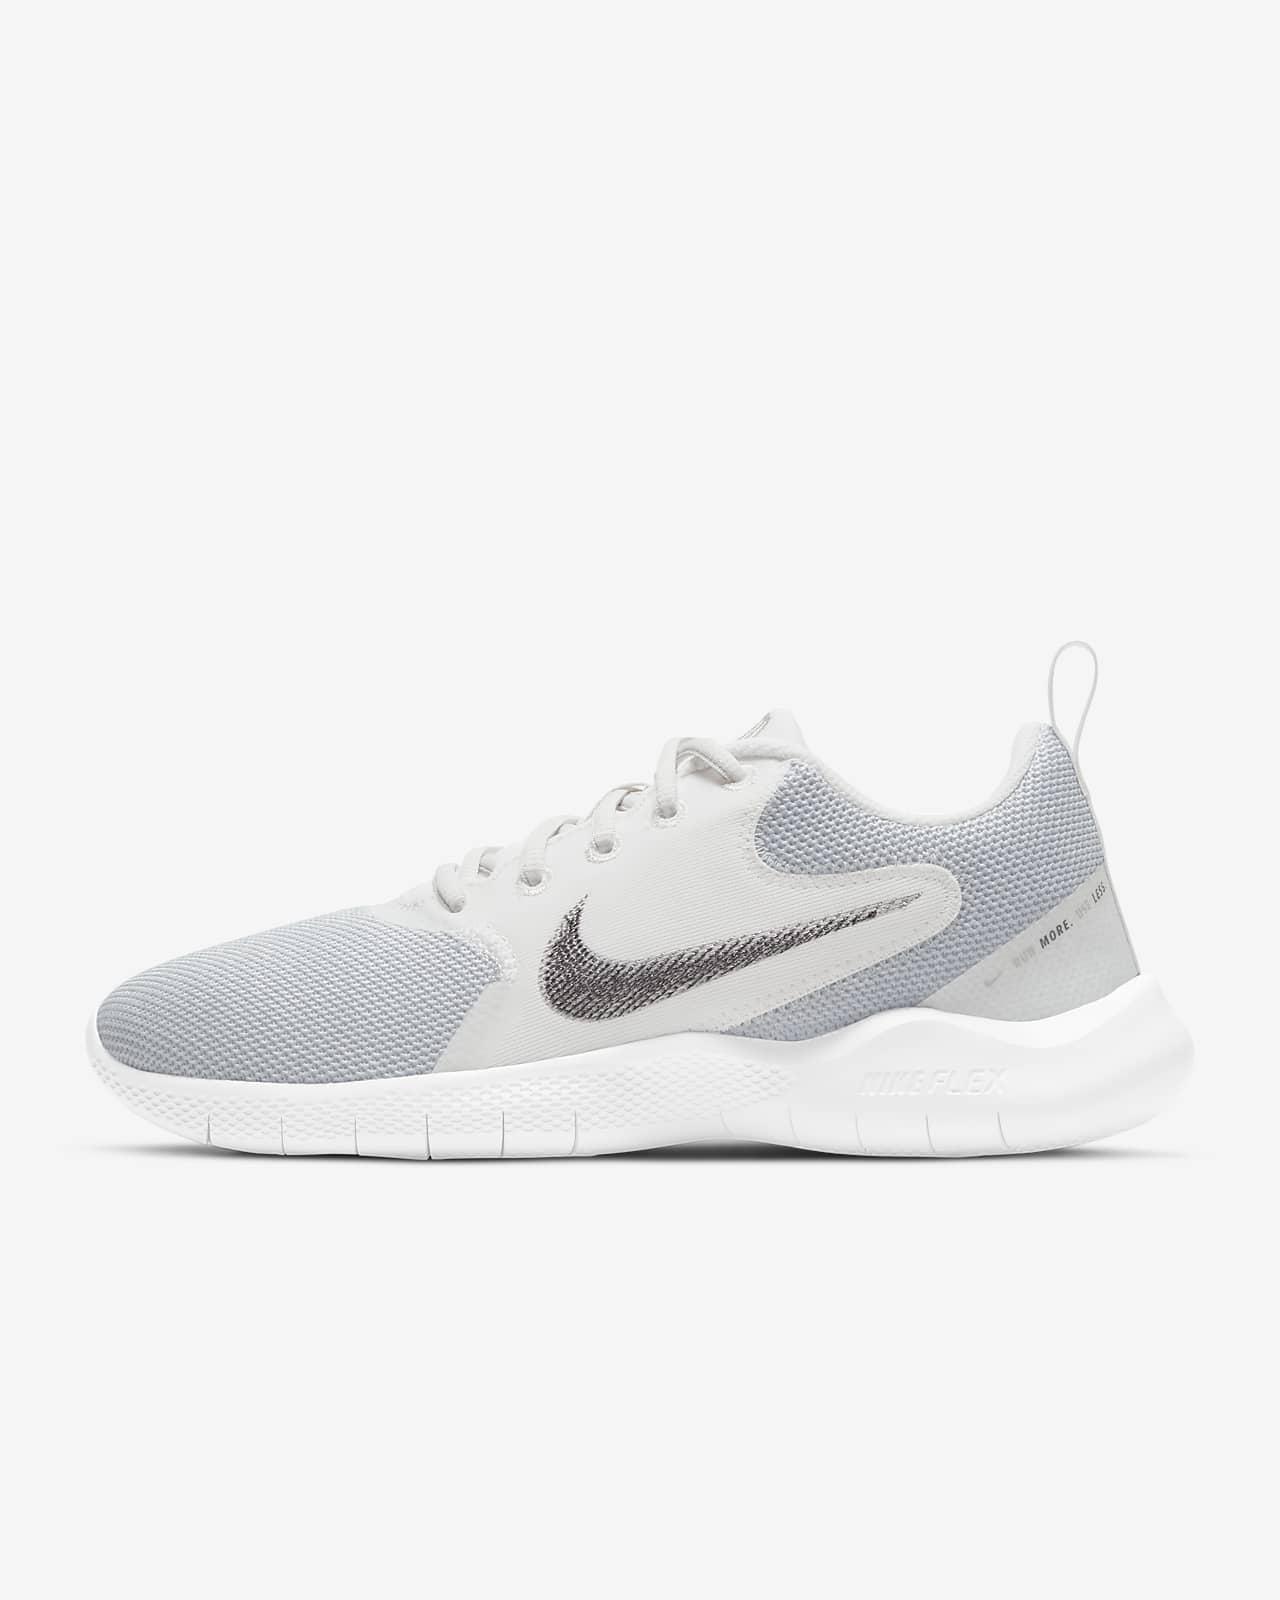 Calzado de running en carretera para mujer Nike Flex Experience Run 10